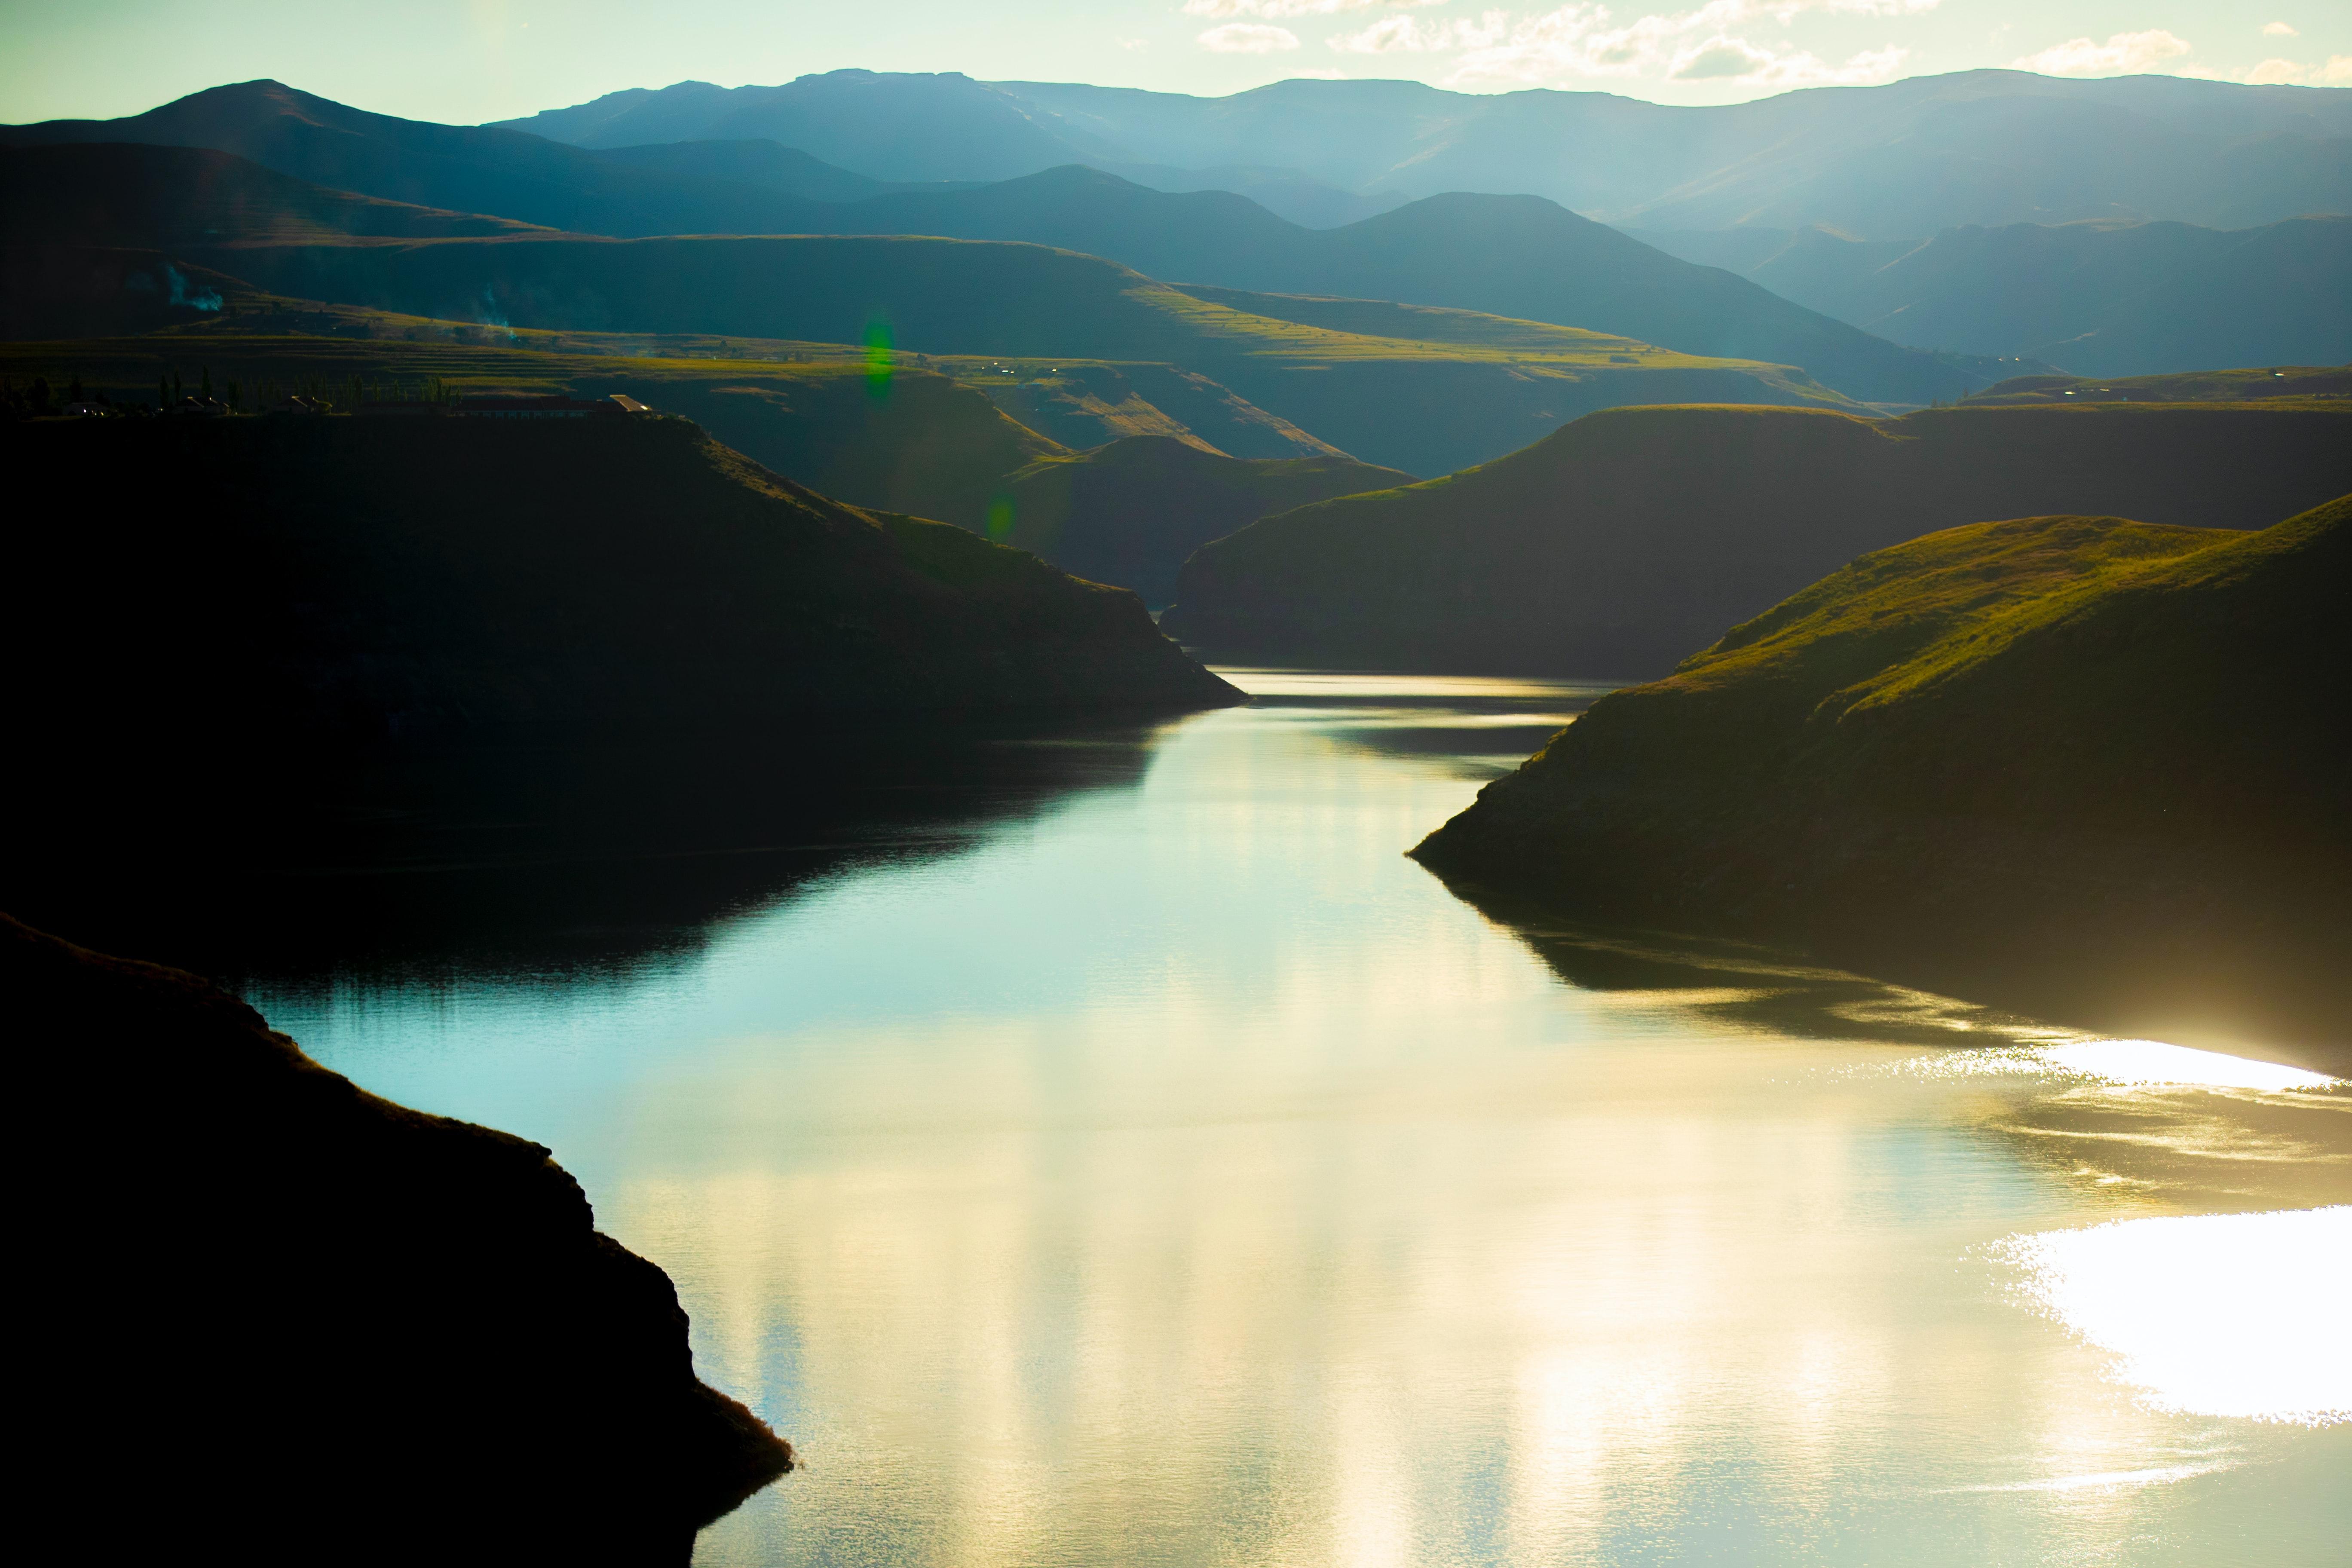 Green mountains beside lake during daytime